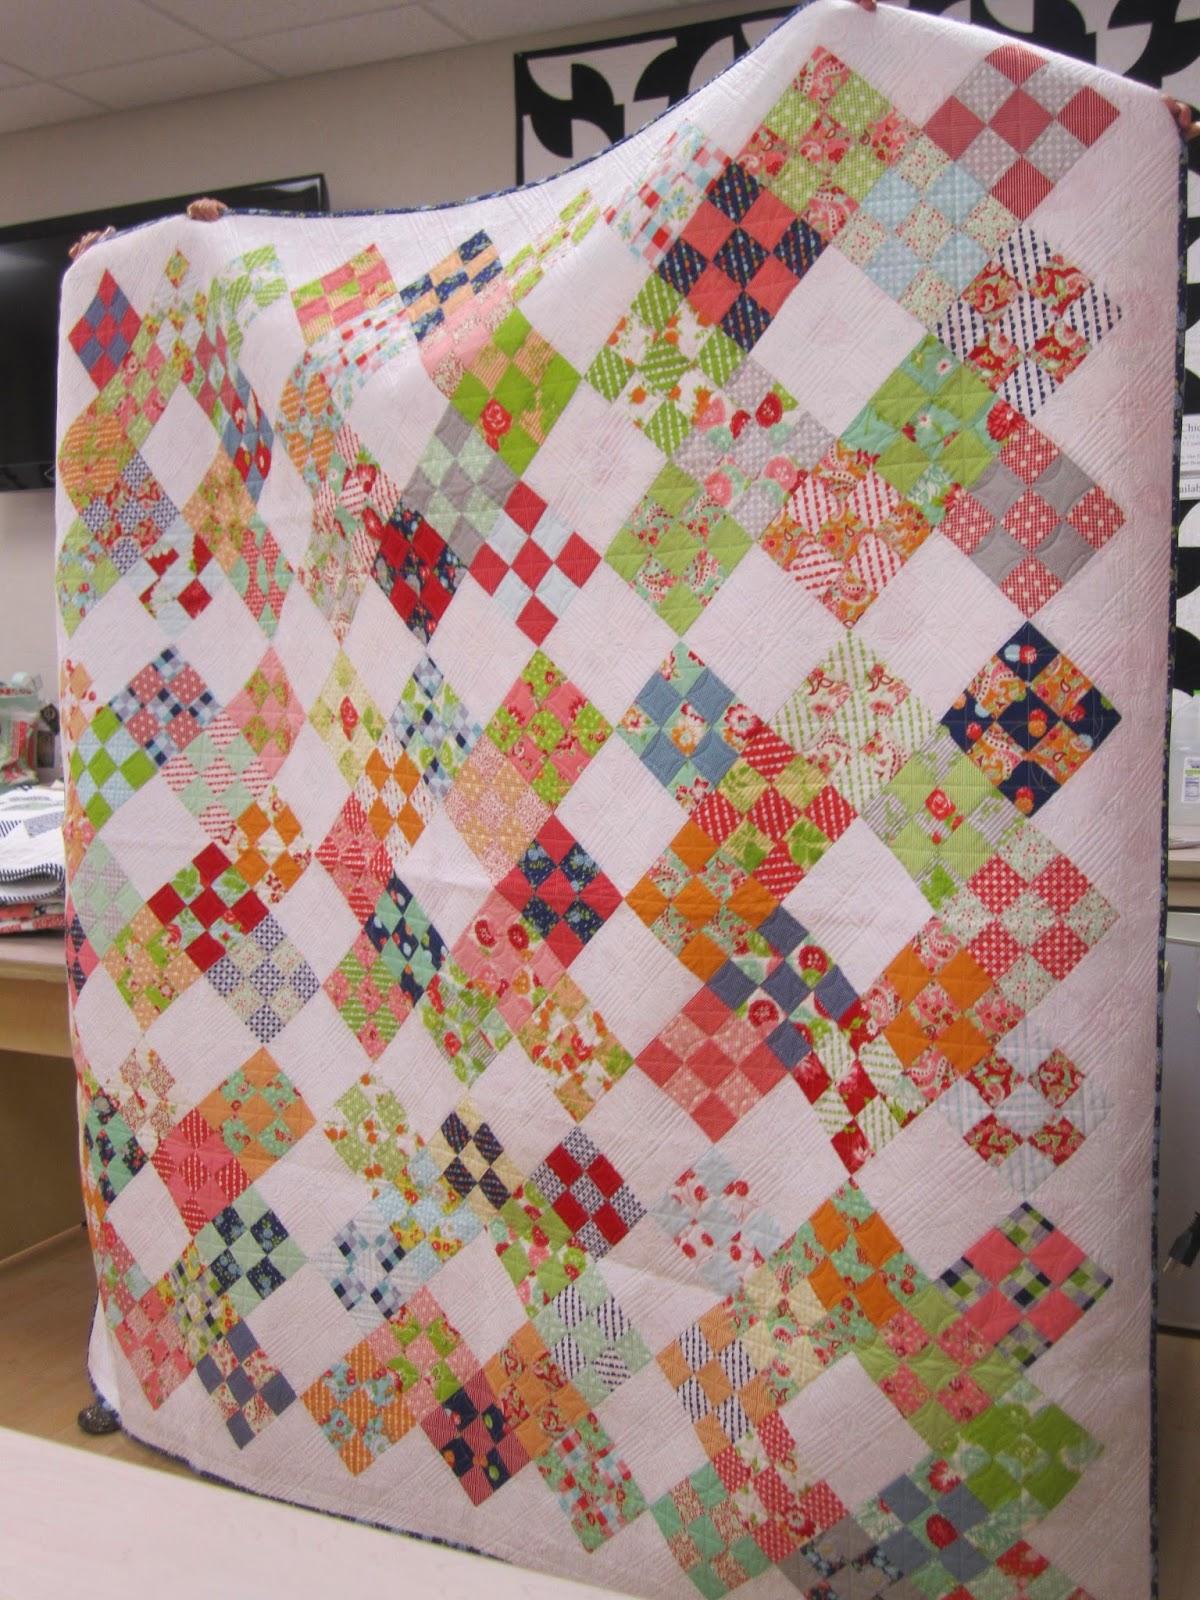 camille roskelley's niner quilt